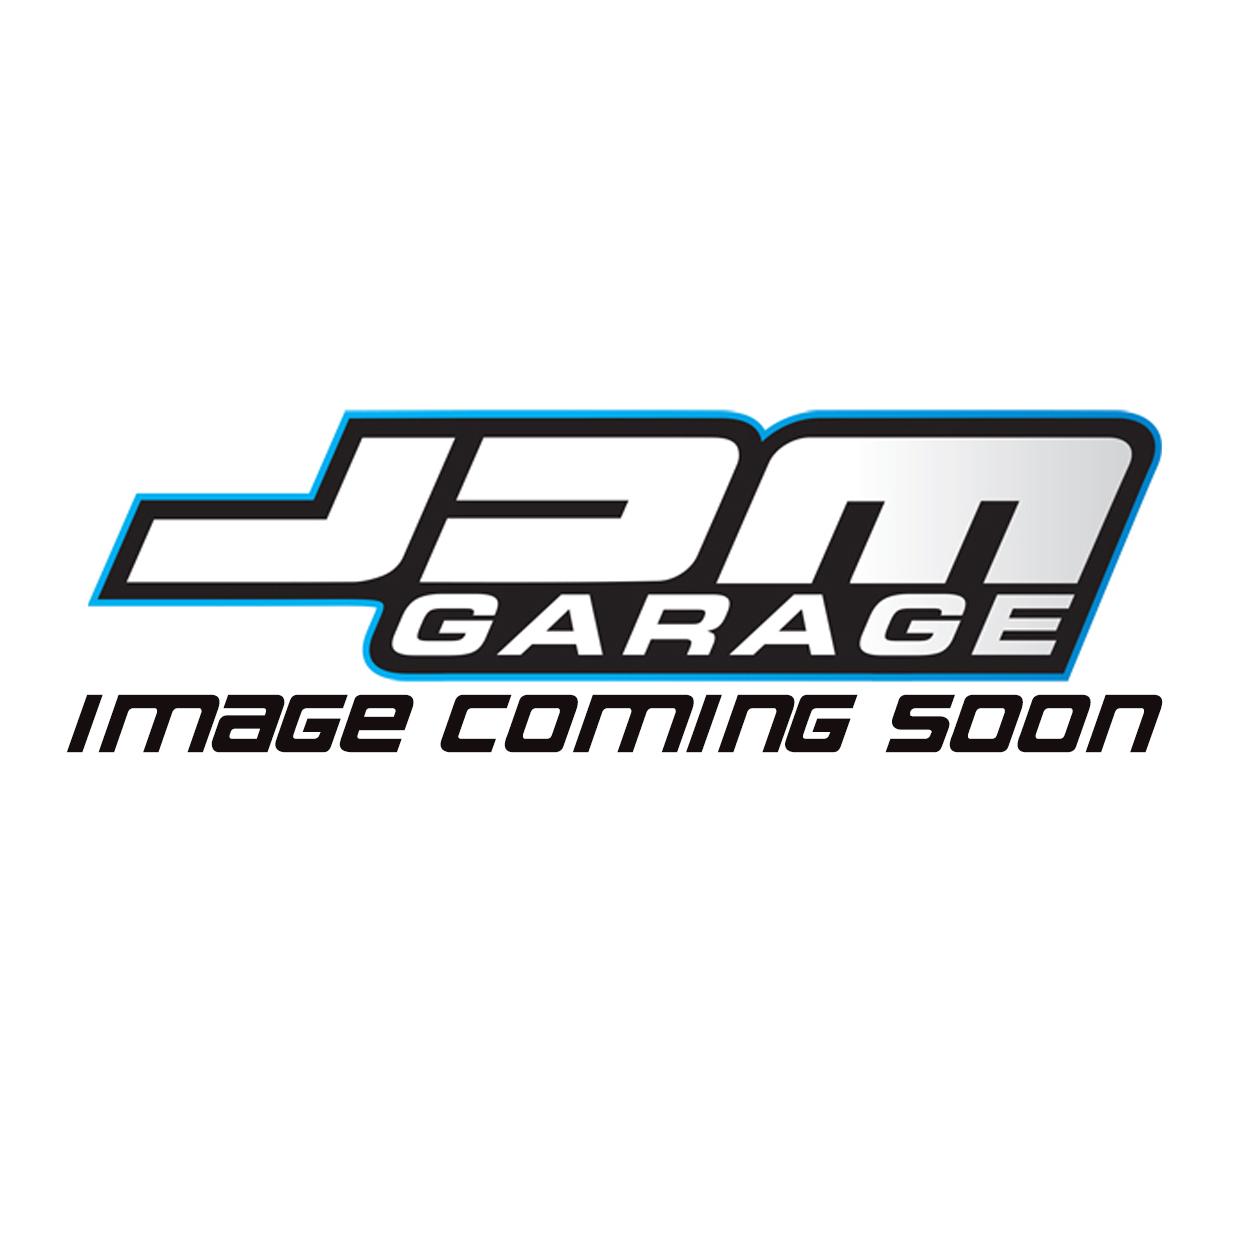 Genuine Nissan Hand Brake Cable - Nissan Skyline R33 GTS-T / Silvia S14 - 36530-15U1A / 36531-15U1A